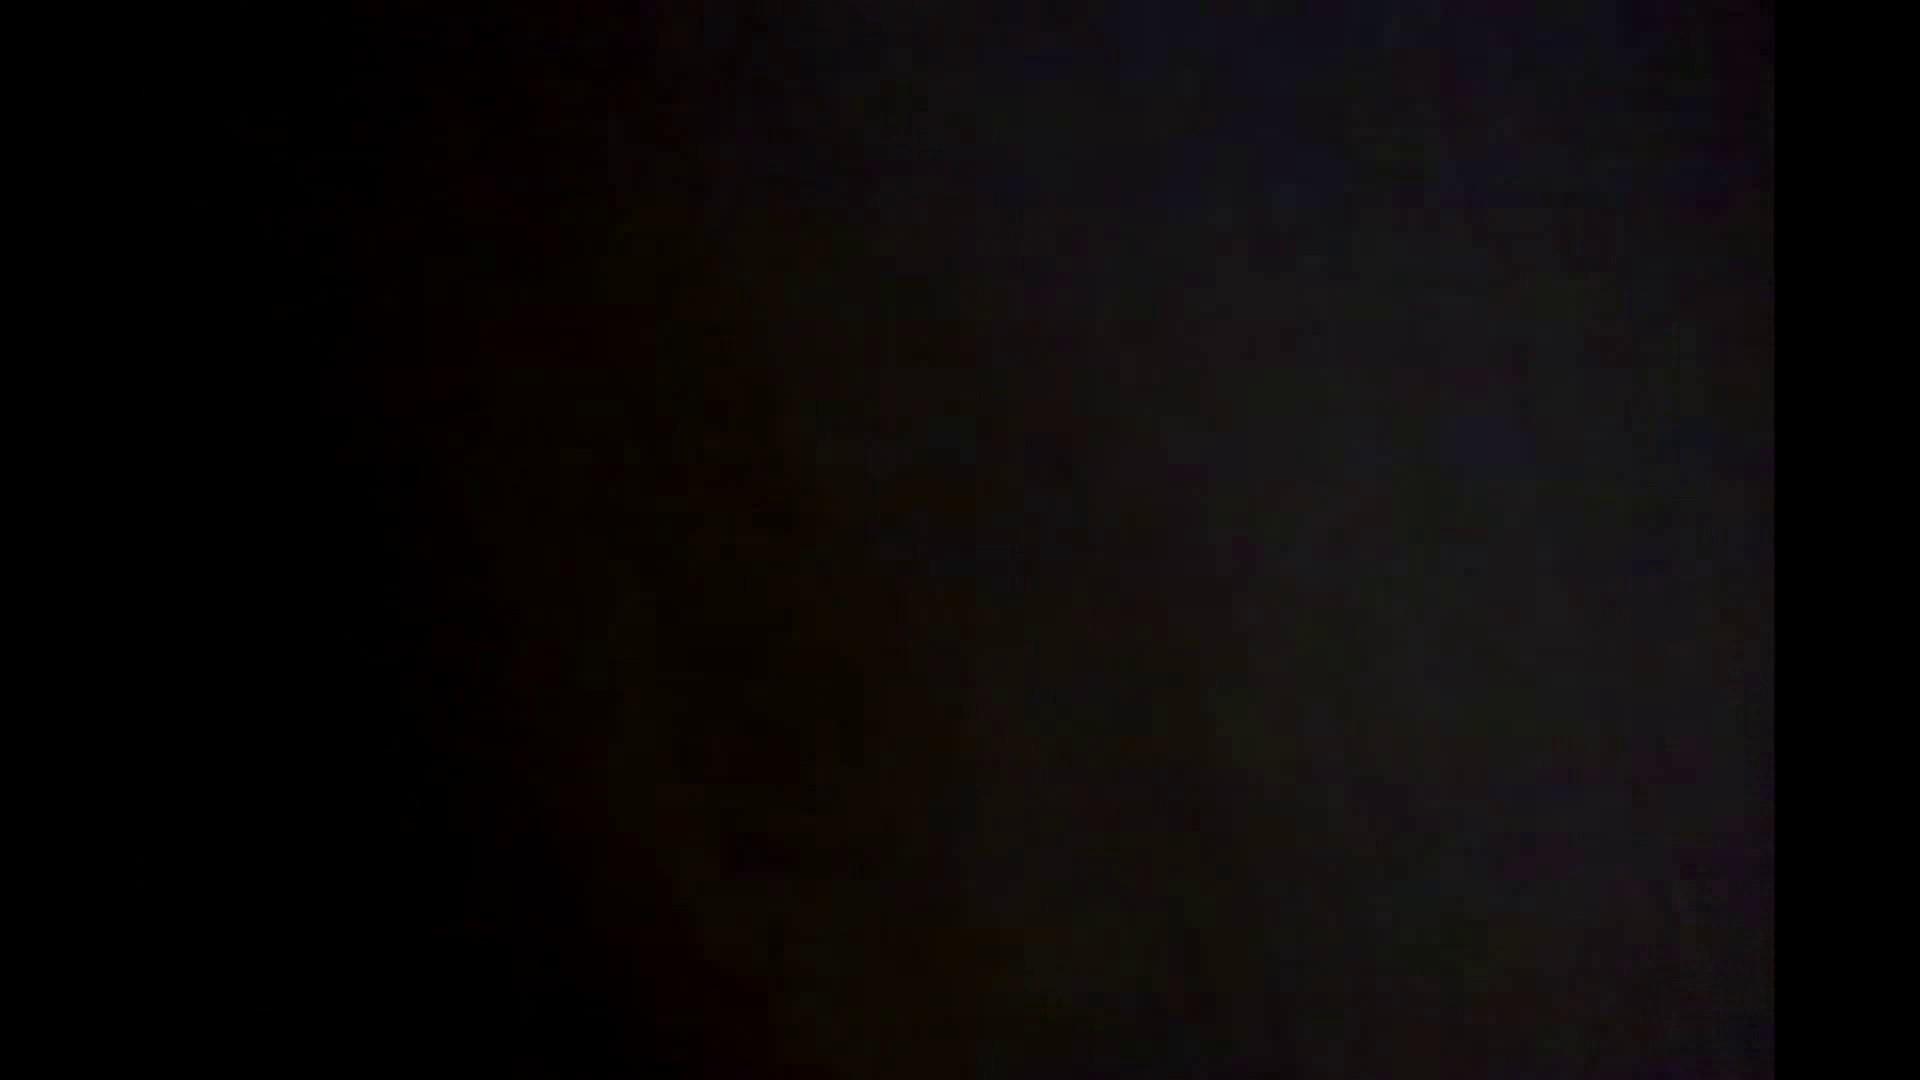 潜入!!韓国秘密のトイレ!Vol.05 潜入報告   潜入女子トイレ  95画像 49